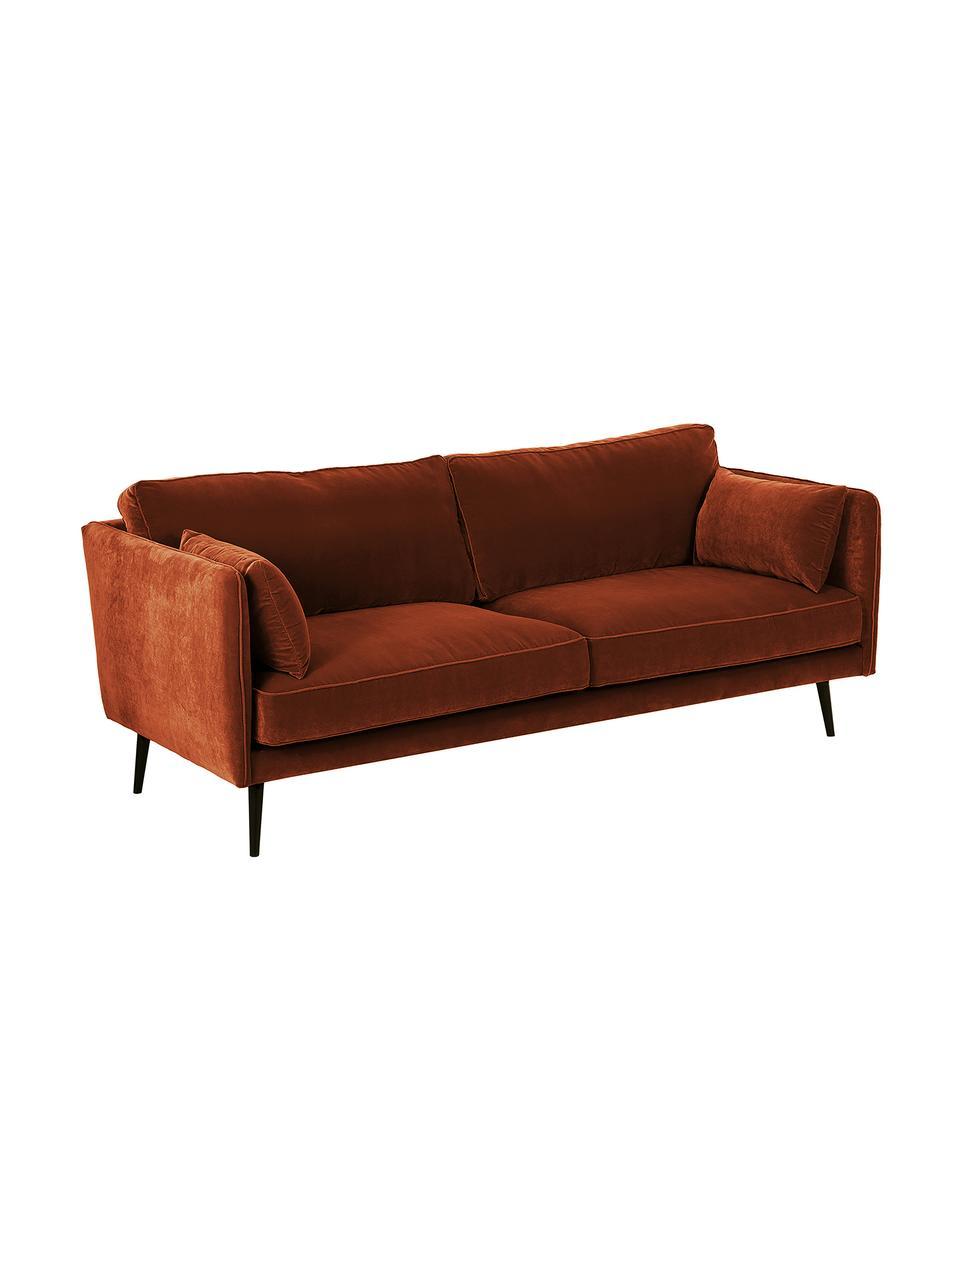 Sofa z aksamitu z drewnianymi nogami Paola (3-osobowa), Tapicerka: aksamit (poliester) 7000, Nogi: drewno świerkowe, lakiero, Aksamitny rdzawoczerwony, S 209 x G 95 cm